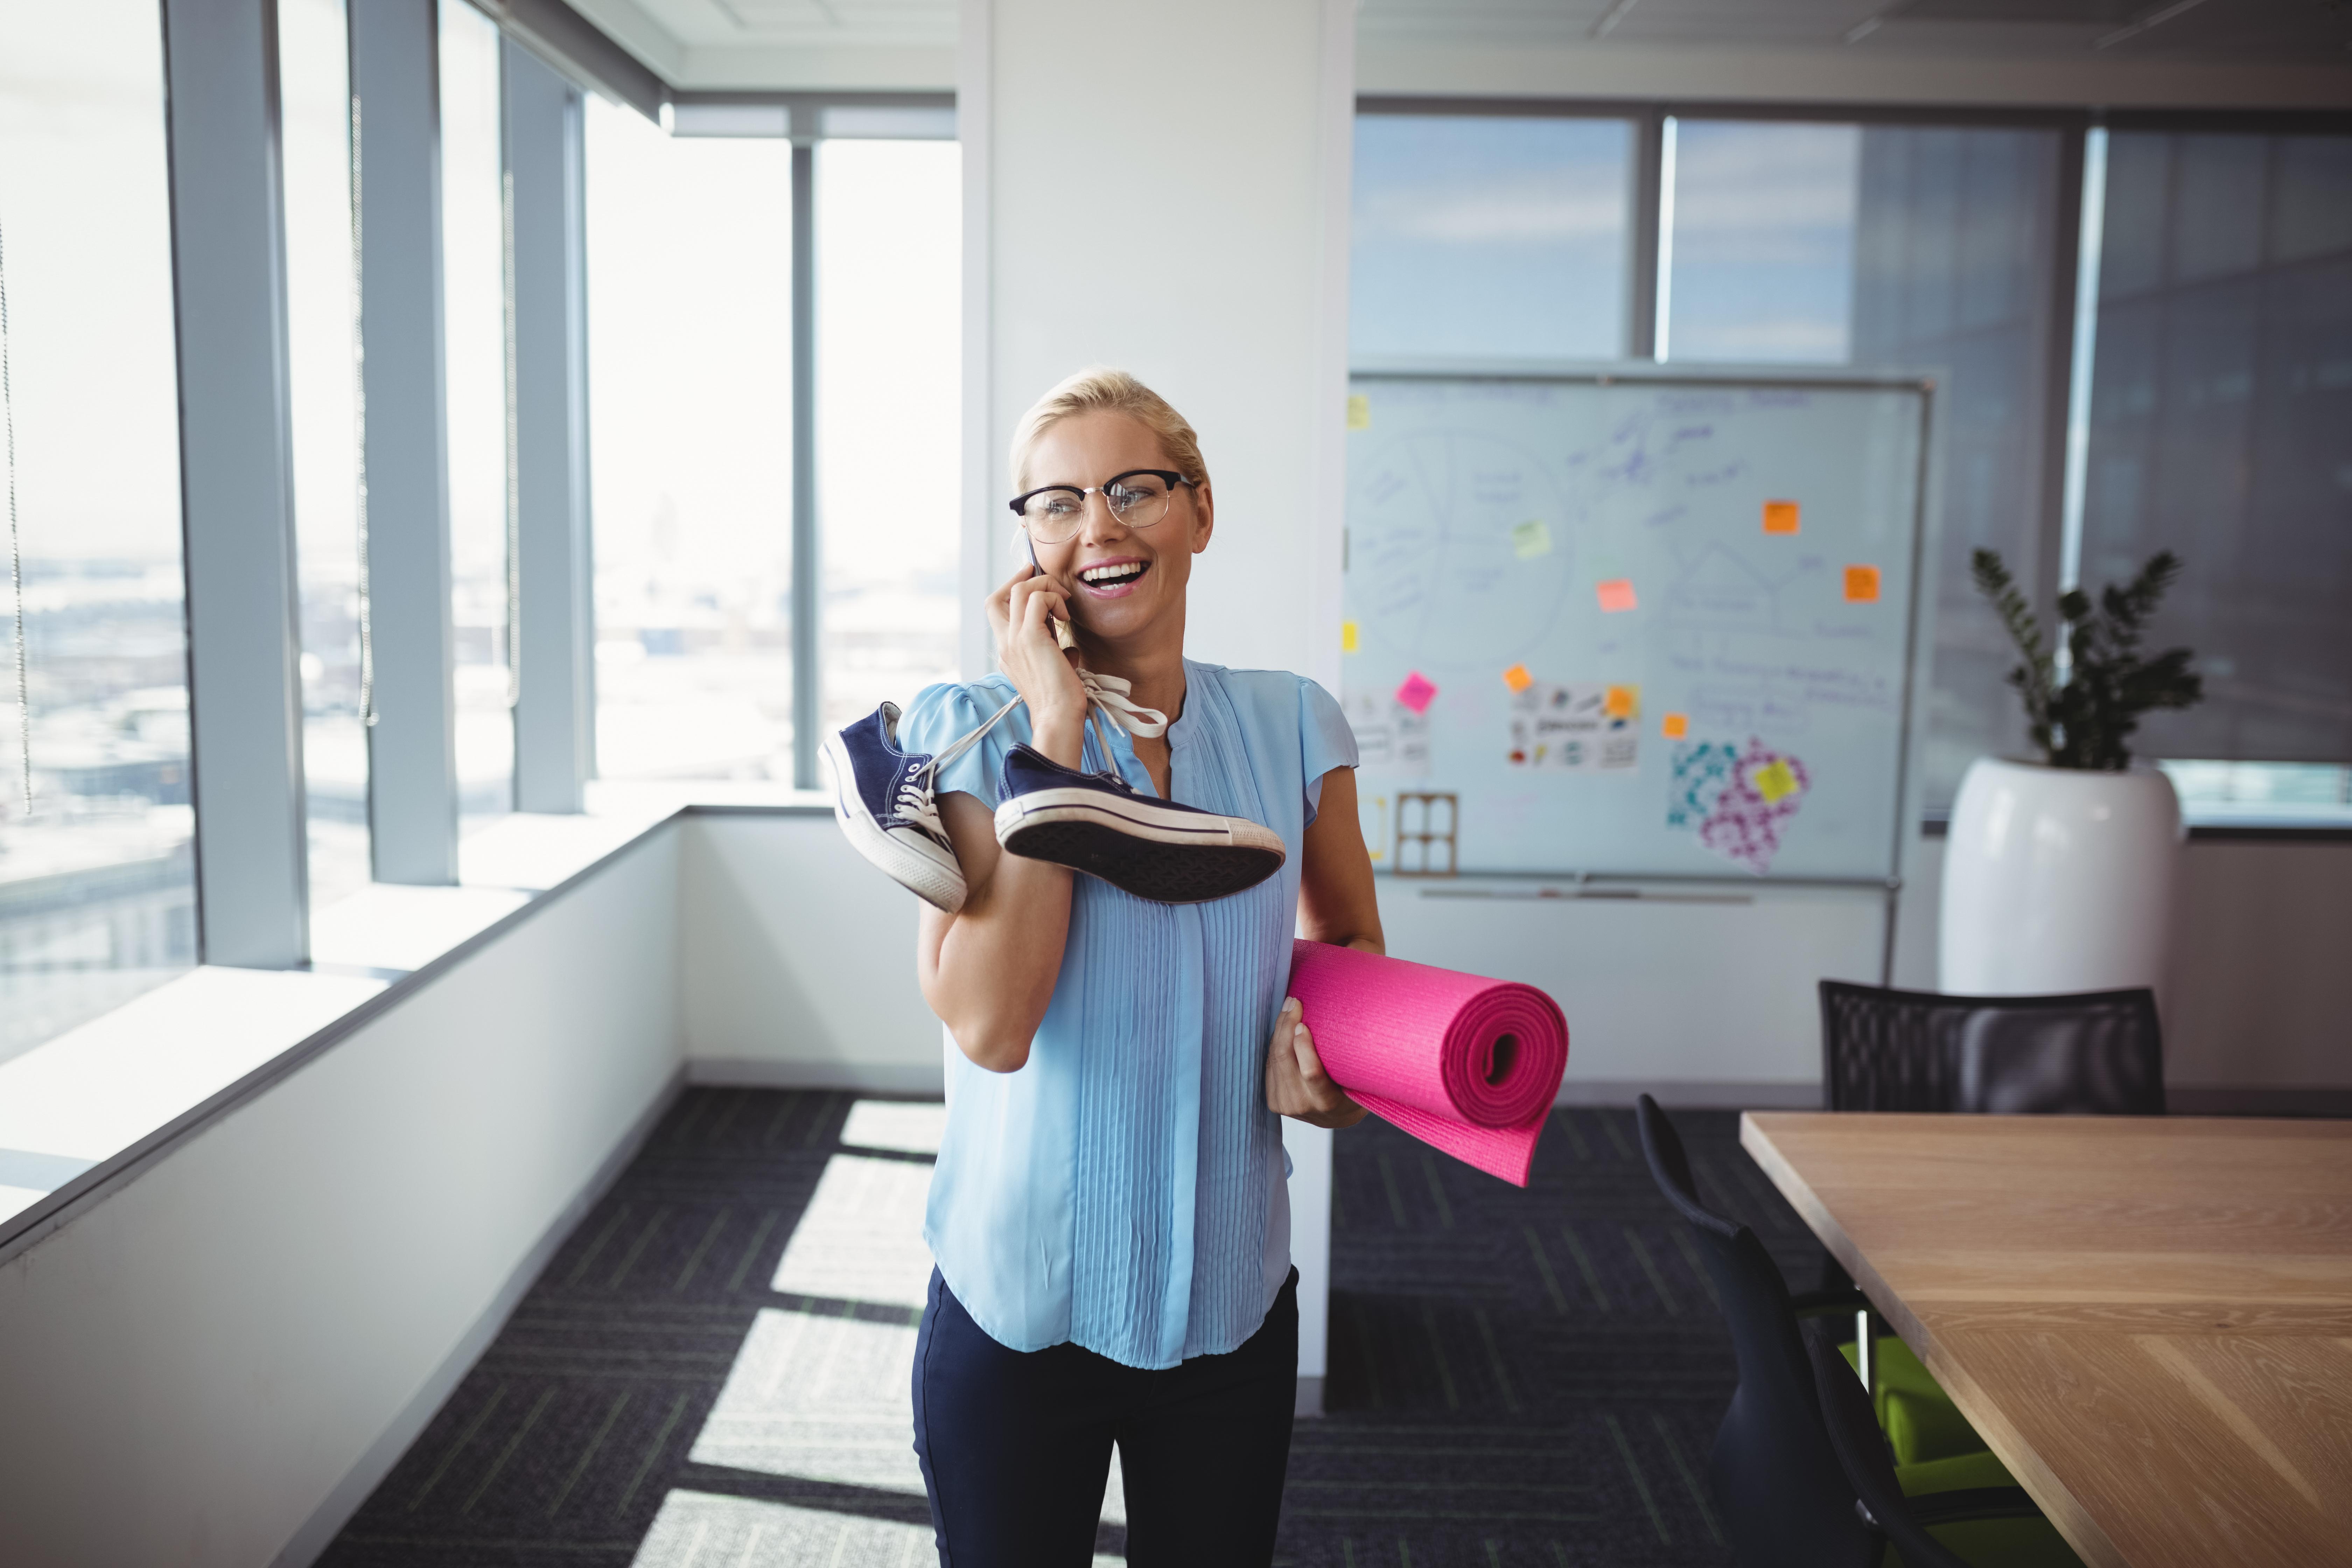 Dicas para melhorar a gestão dos custos focando em wellness